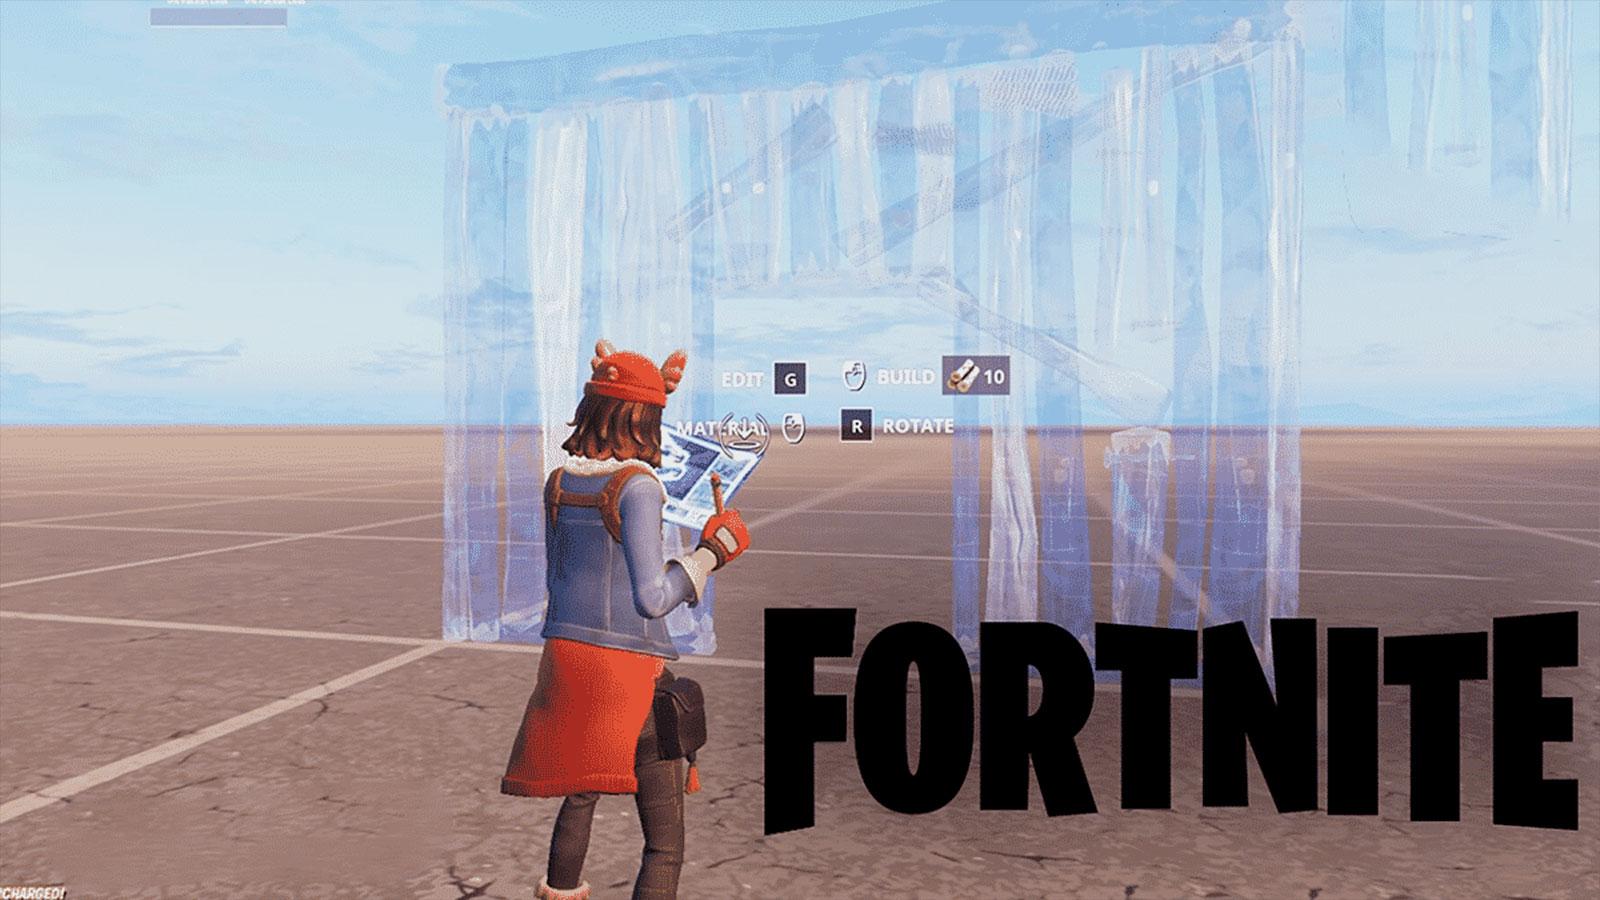 15 jours de jeux gratuits de l'Epic Games Store : un tower defense futuriste offert pour le jour #4 !